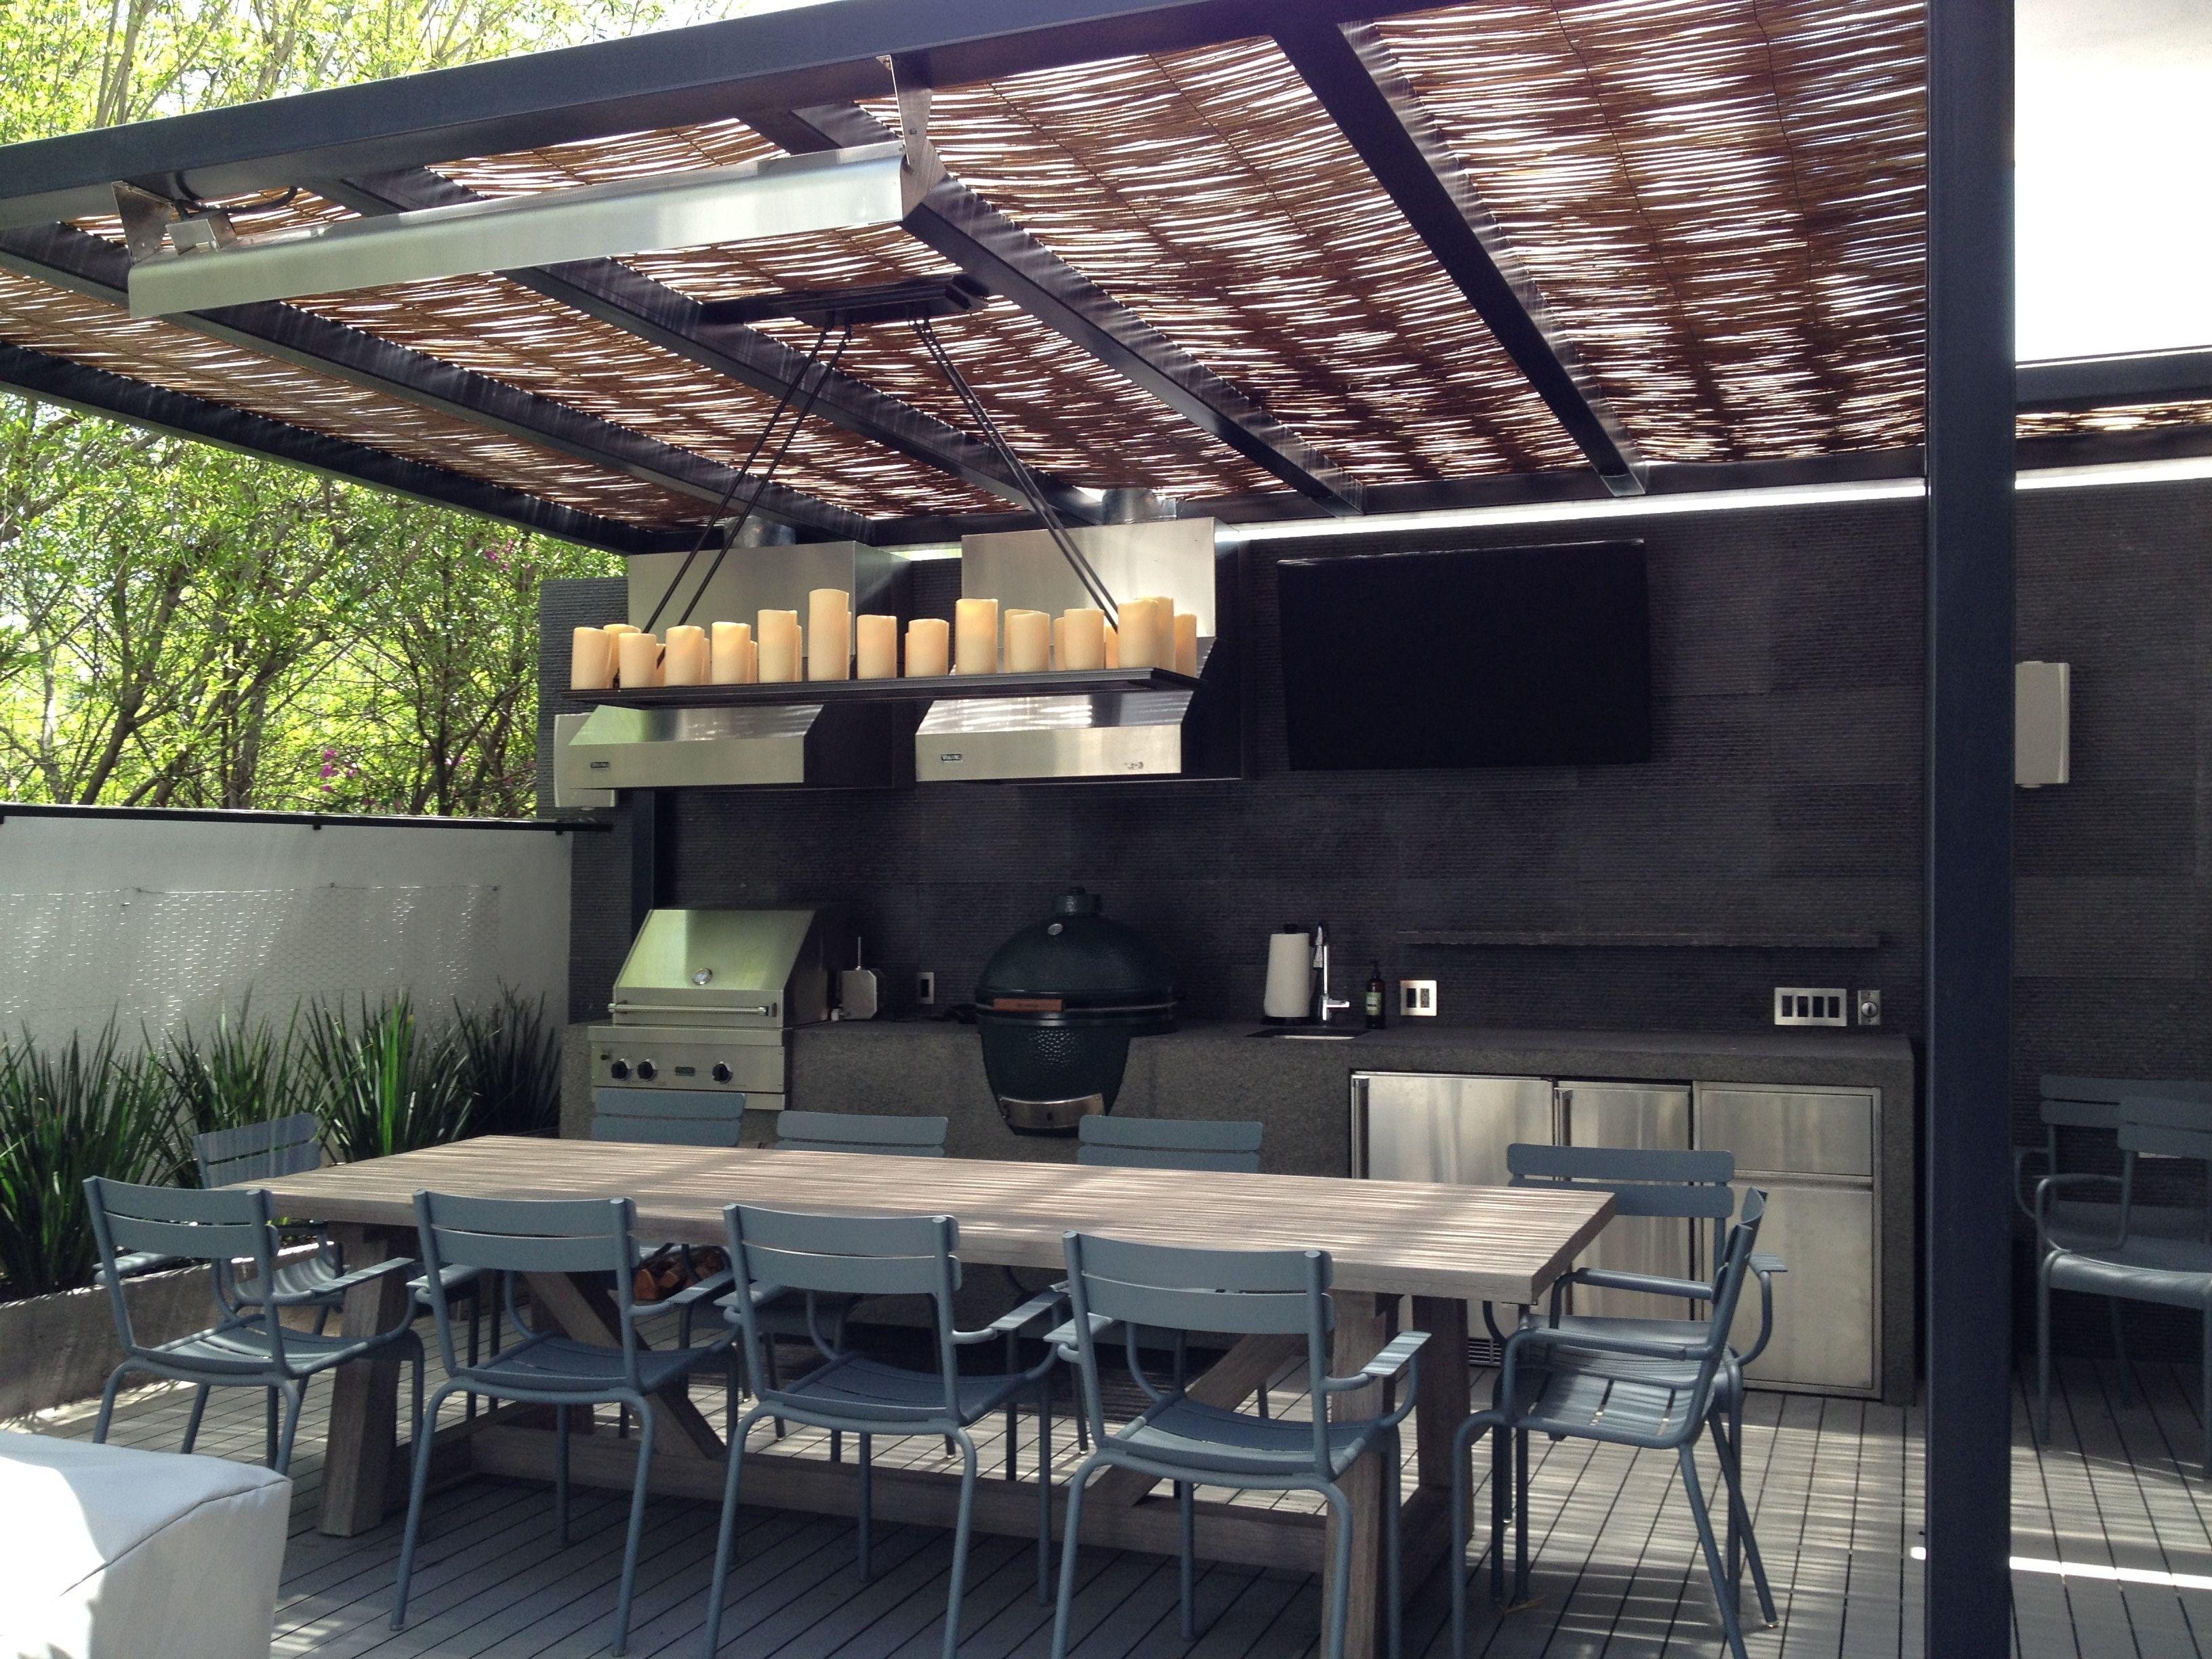 Techo pergola metal exteriores pinterest asador for Techos patios exteriores